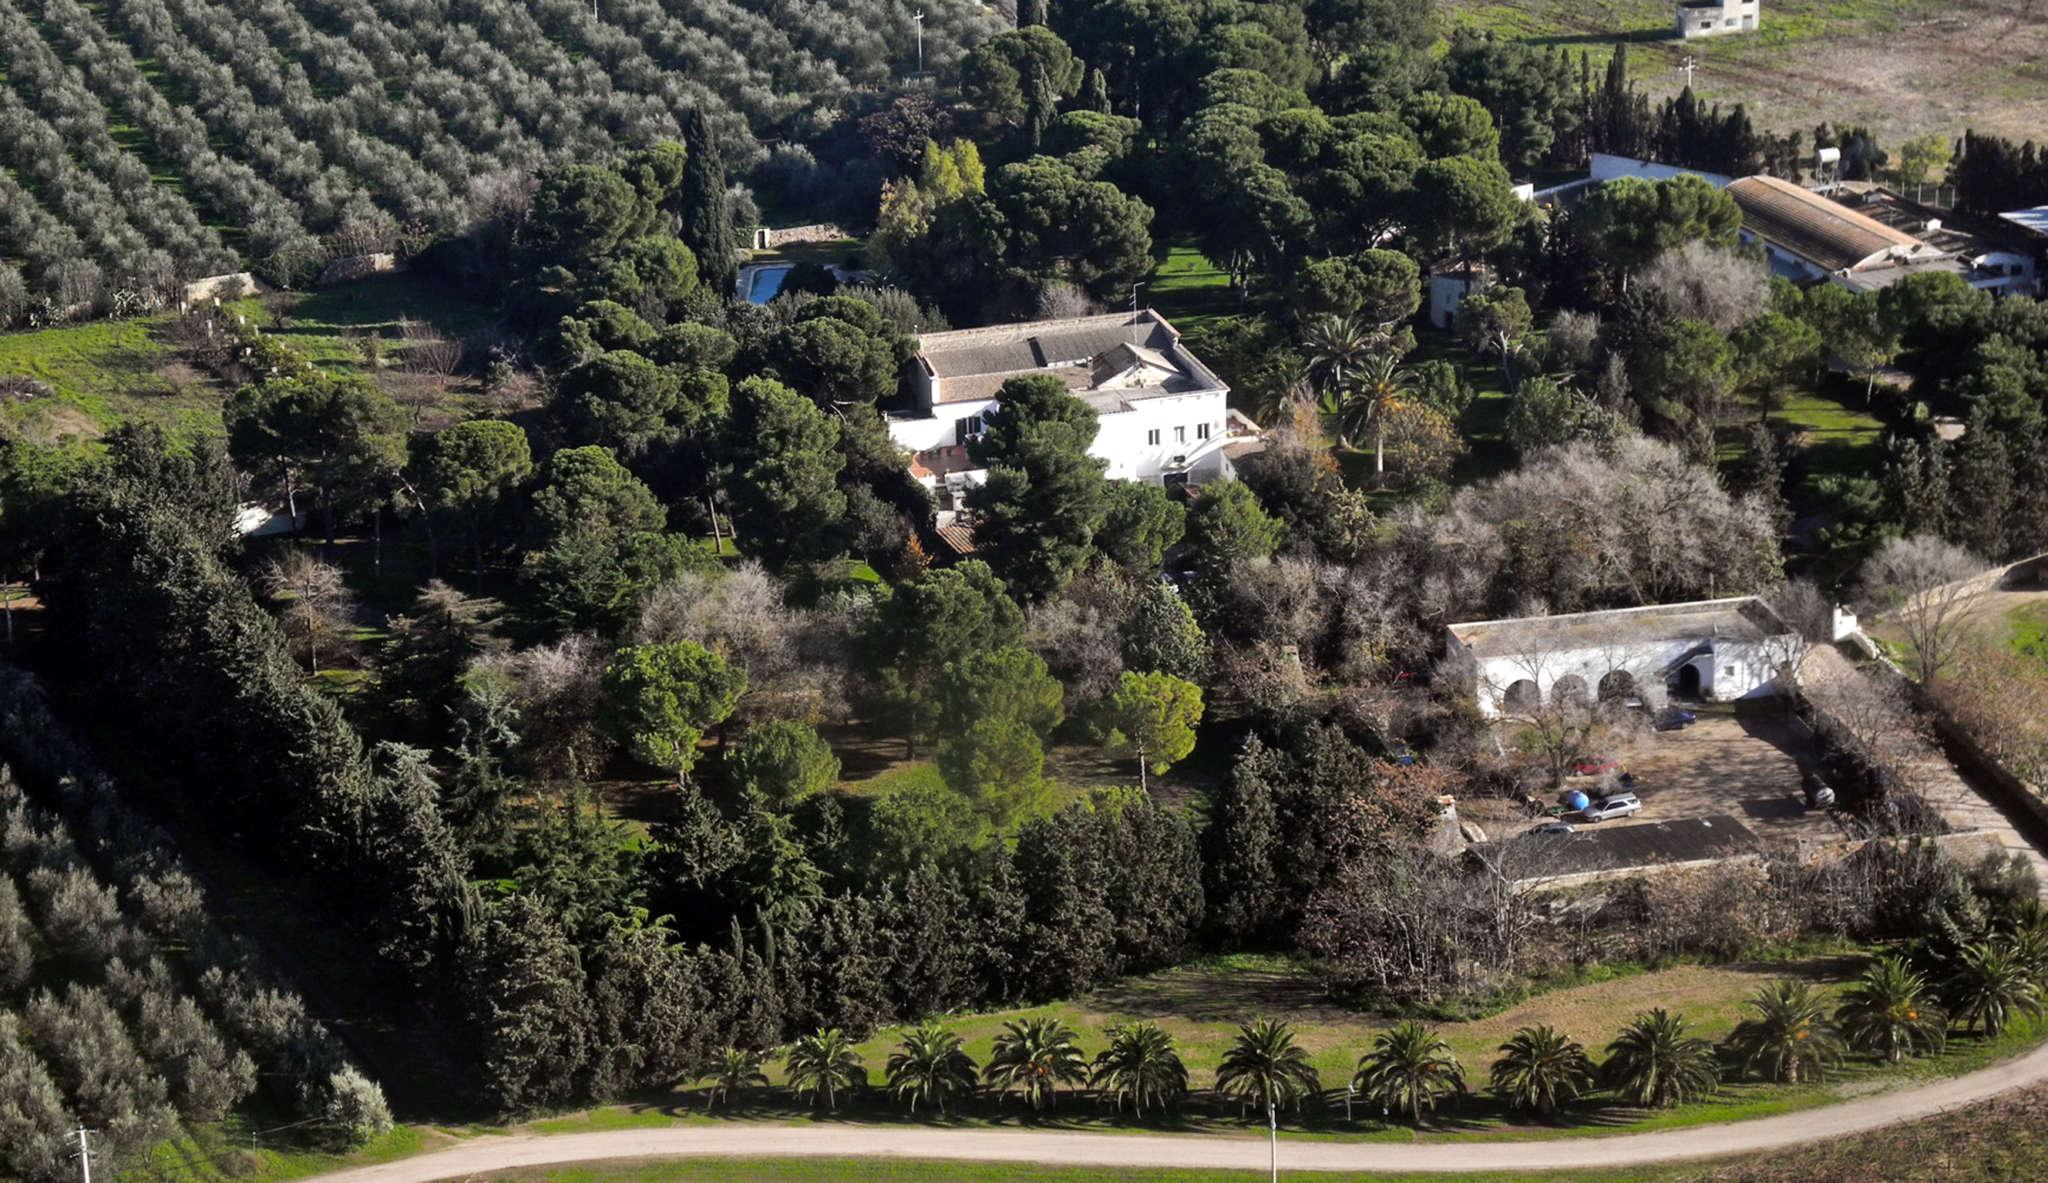 Aziende Modugno Zona Industriale our history - rasciatano - aziende agricole porro